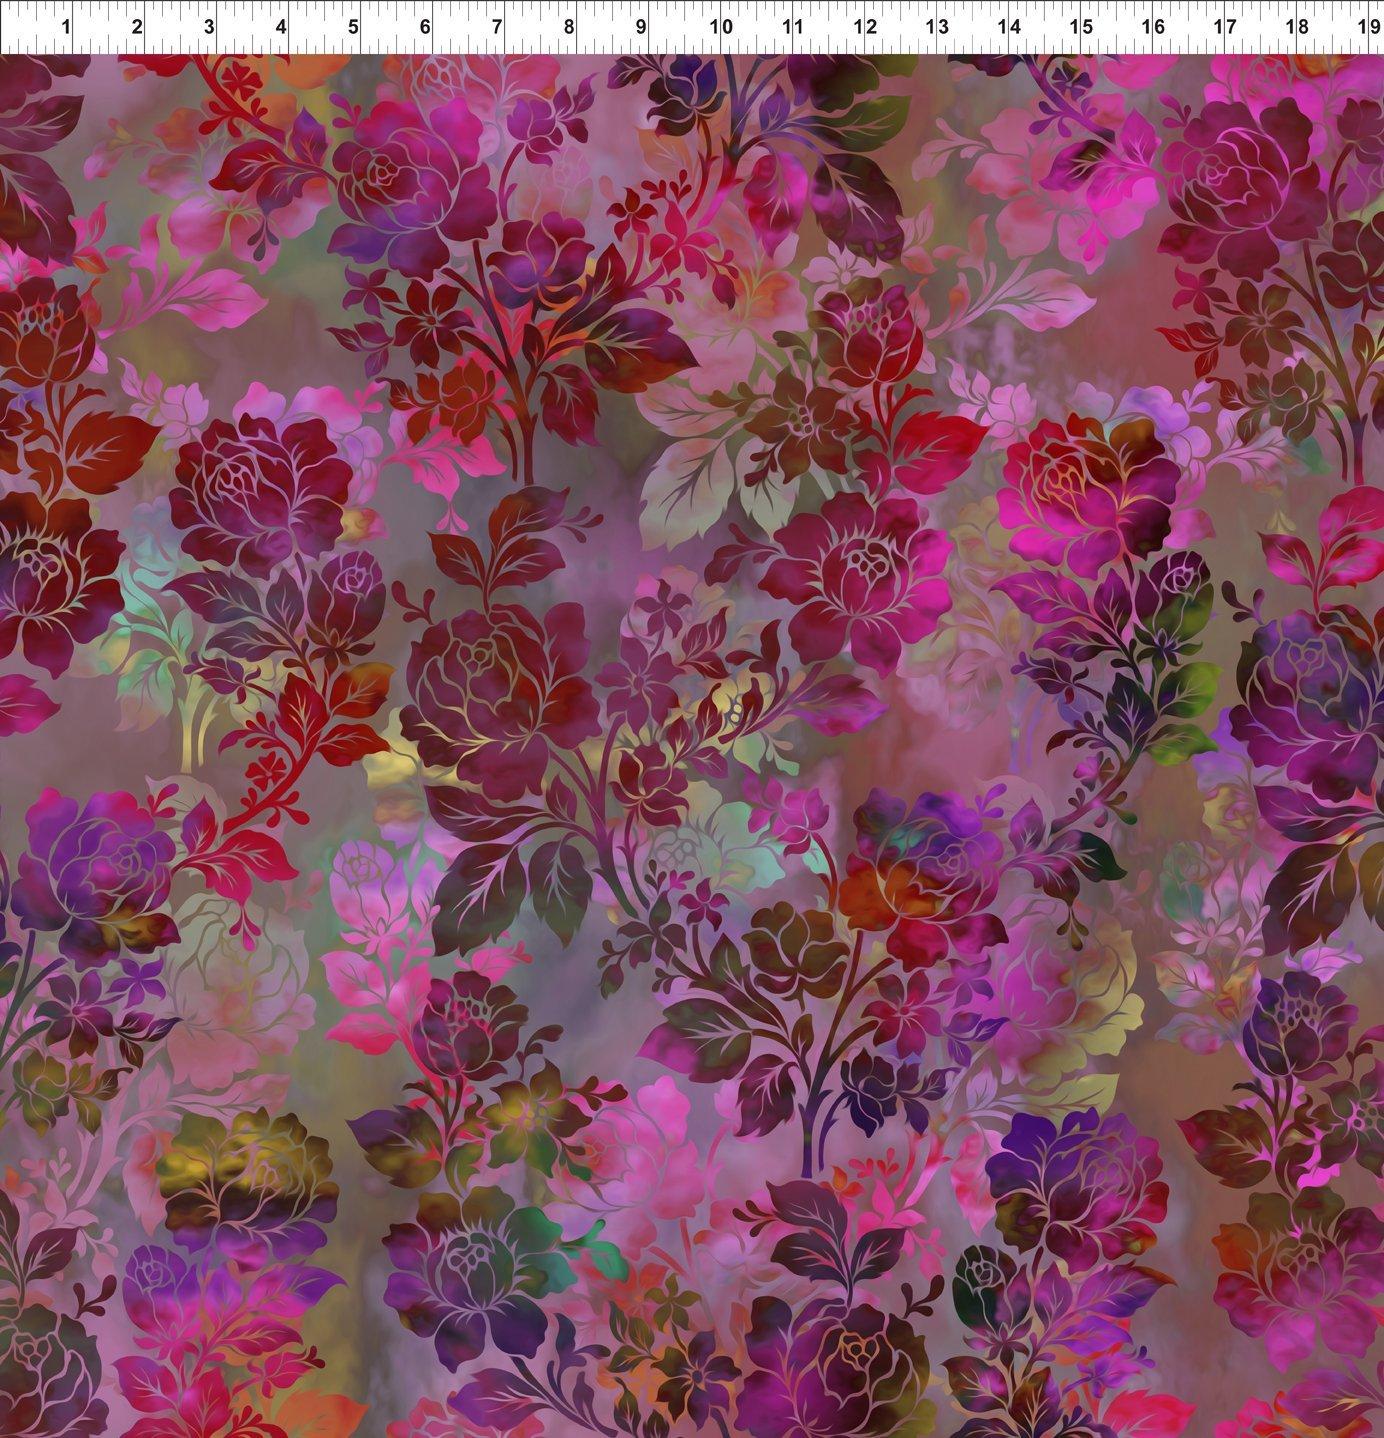 1ENC-5 Magenta Night Bloom Diaphanous